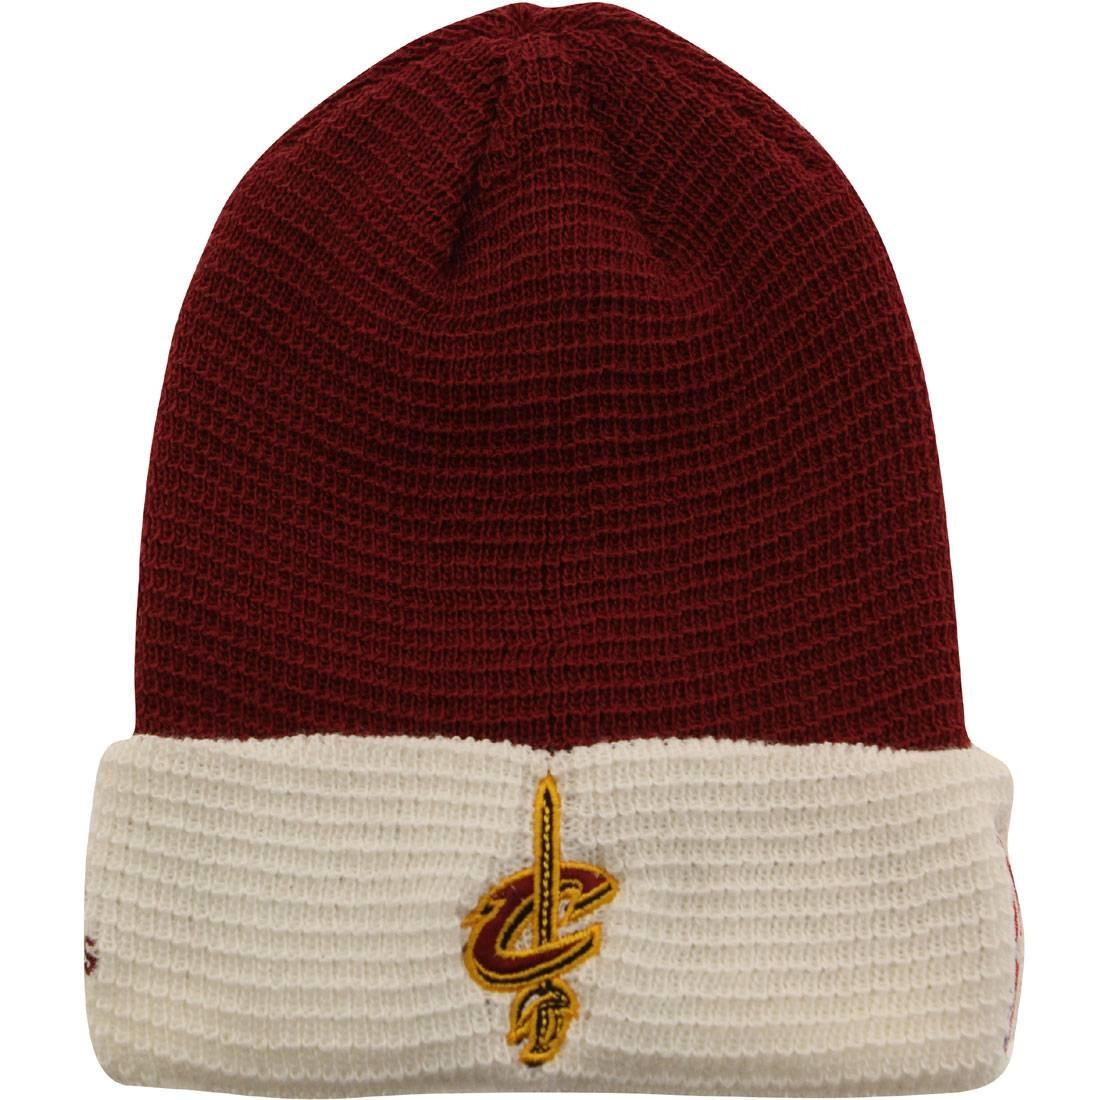 Adidas NBA Cleveland Cavaliers Team Cuffed Knit Beanie (burgundy / white)